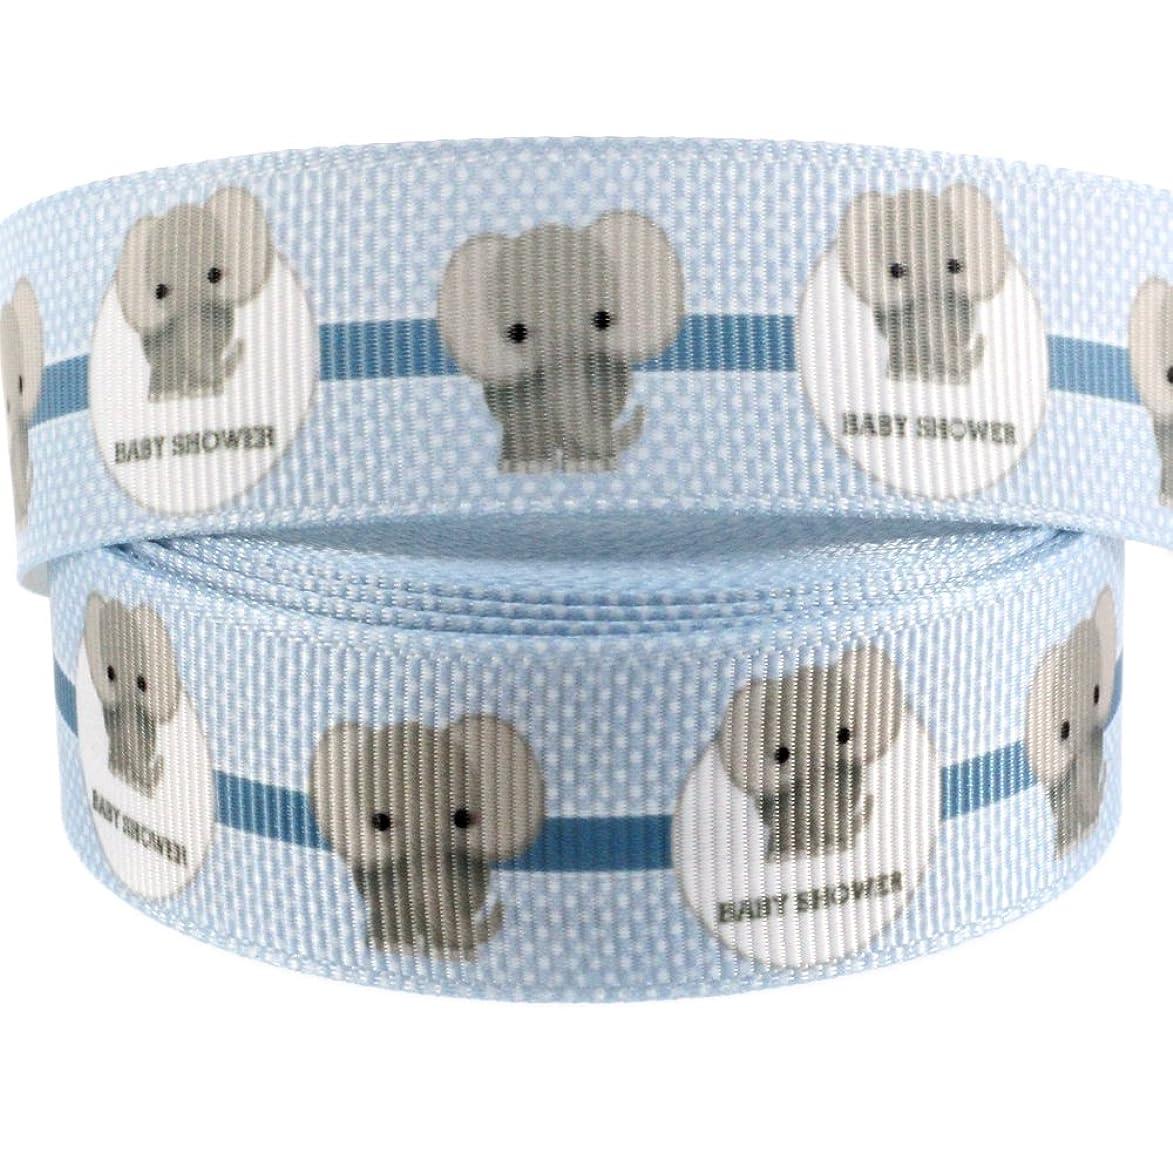 Midi Ribbon Value Pack Elephant Blue Single Face Printed Grosgrain Ribbon 7/8